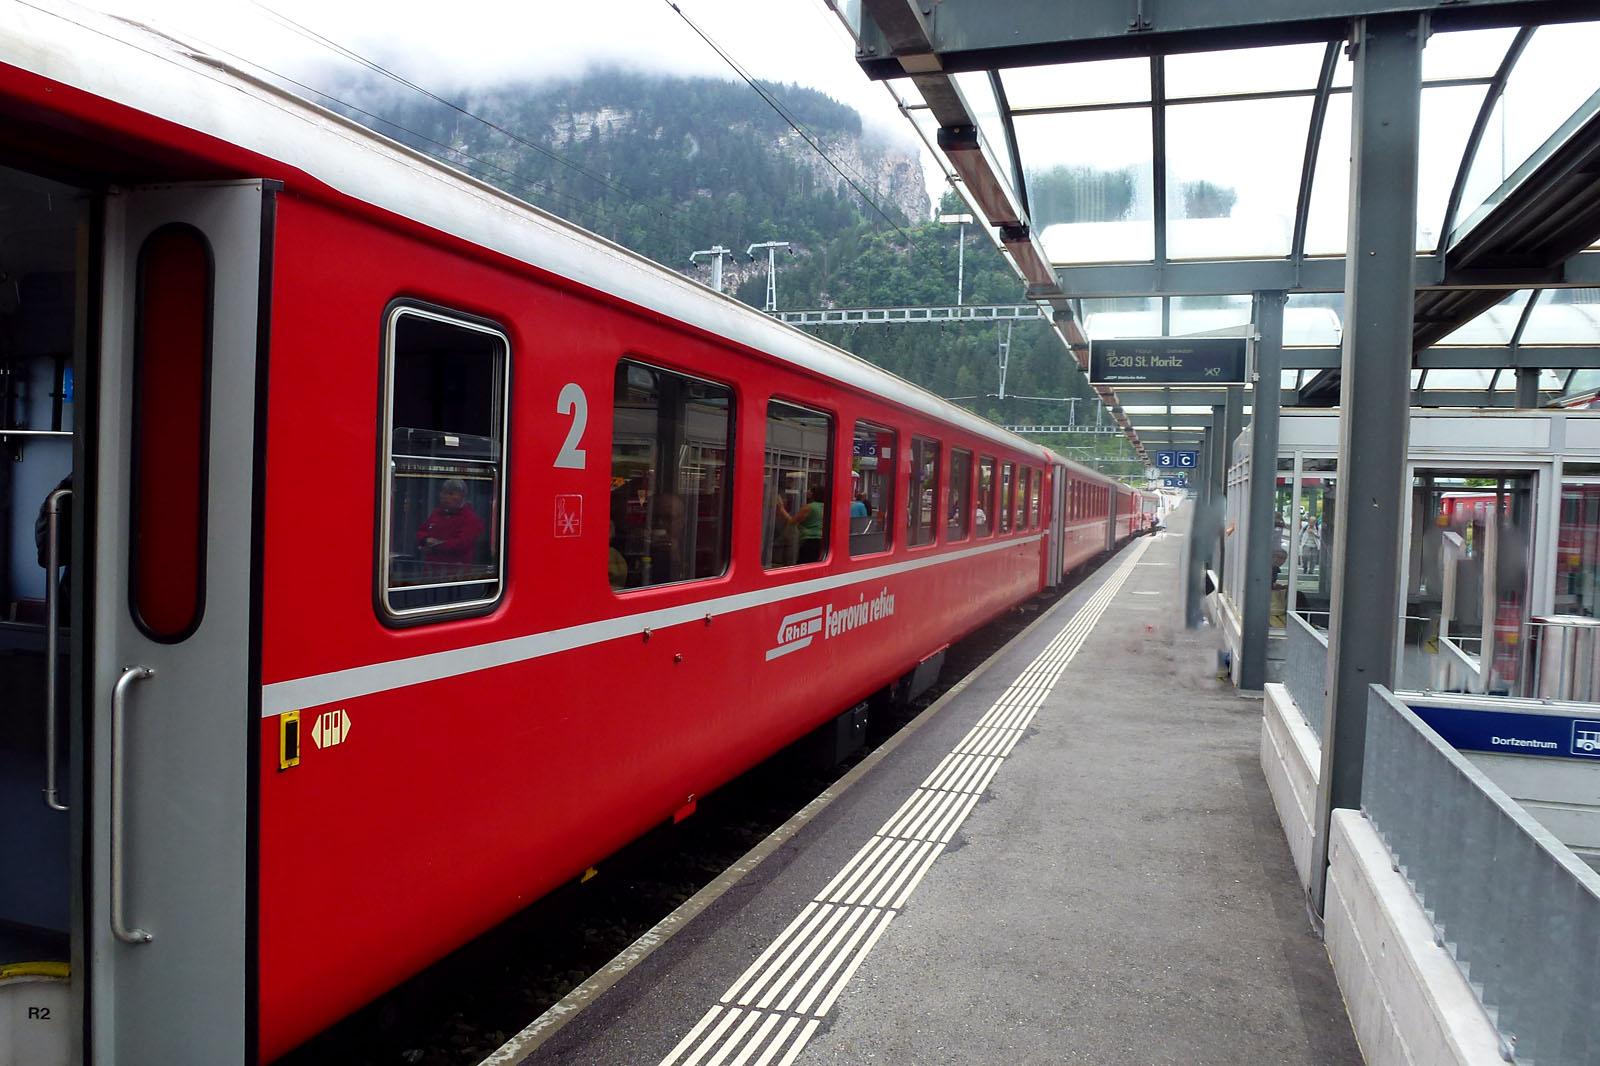 Este es el tren normal que hace el recorrido, con mucho más encanto